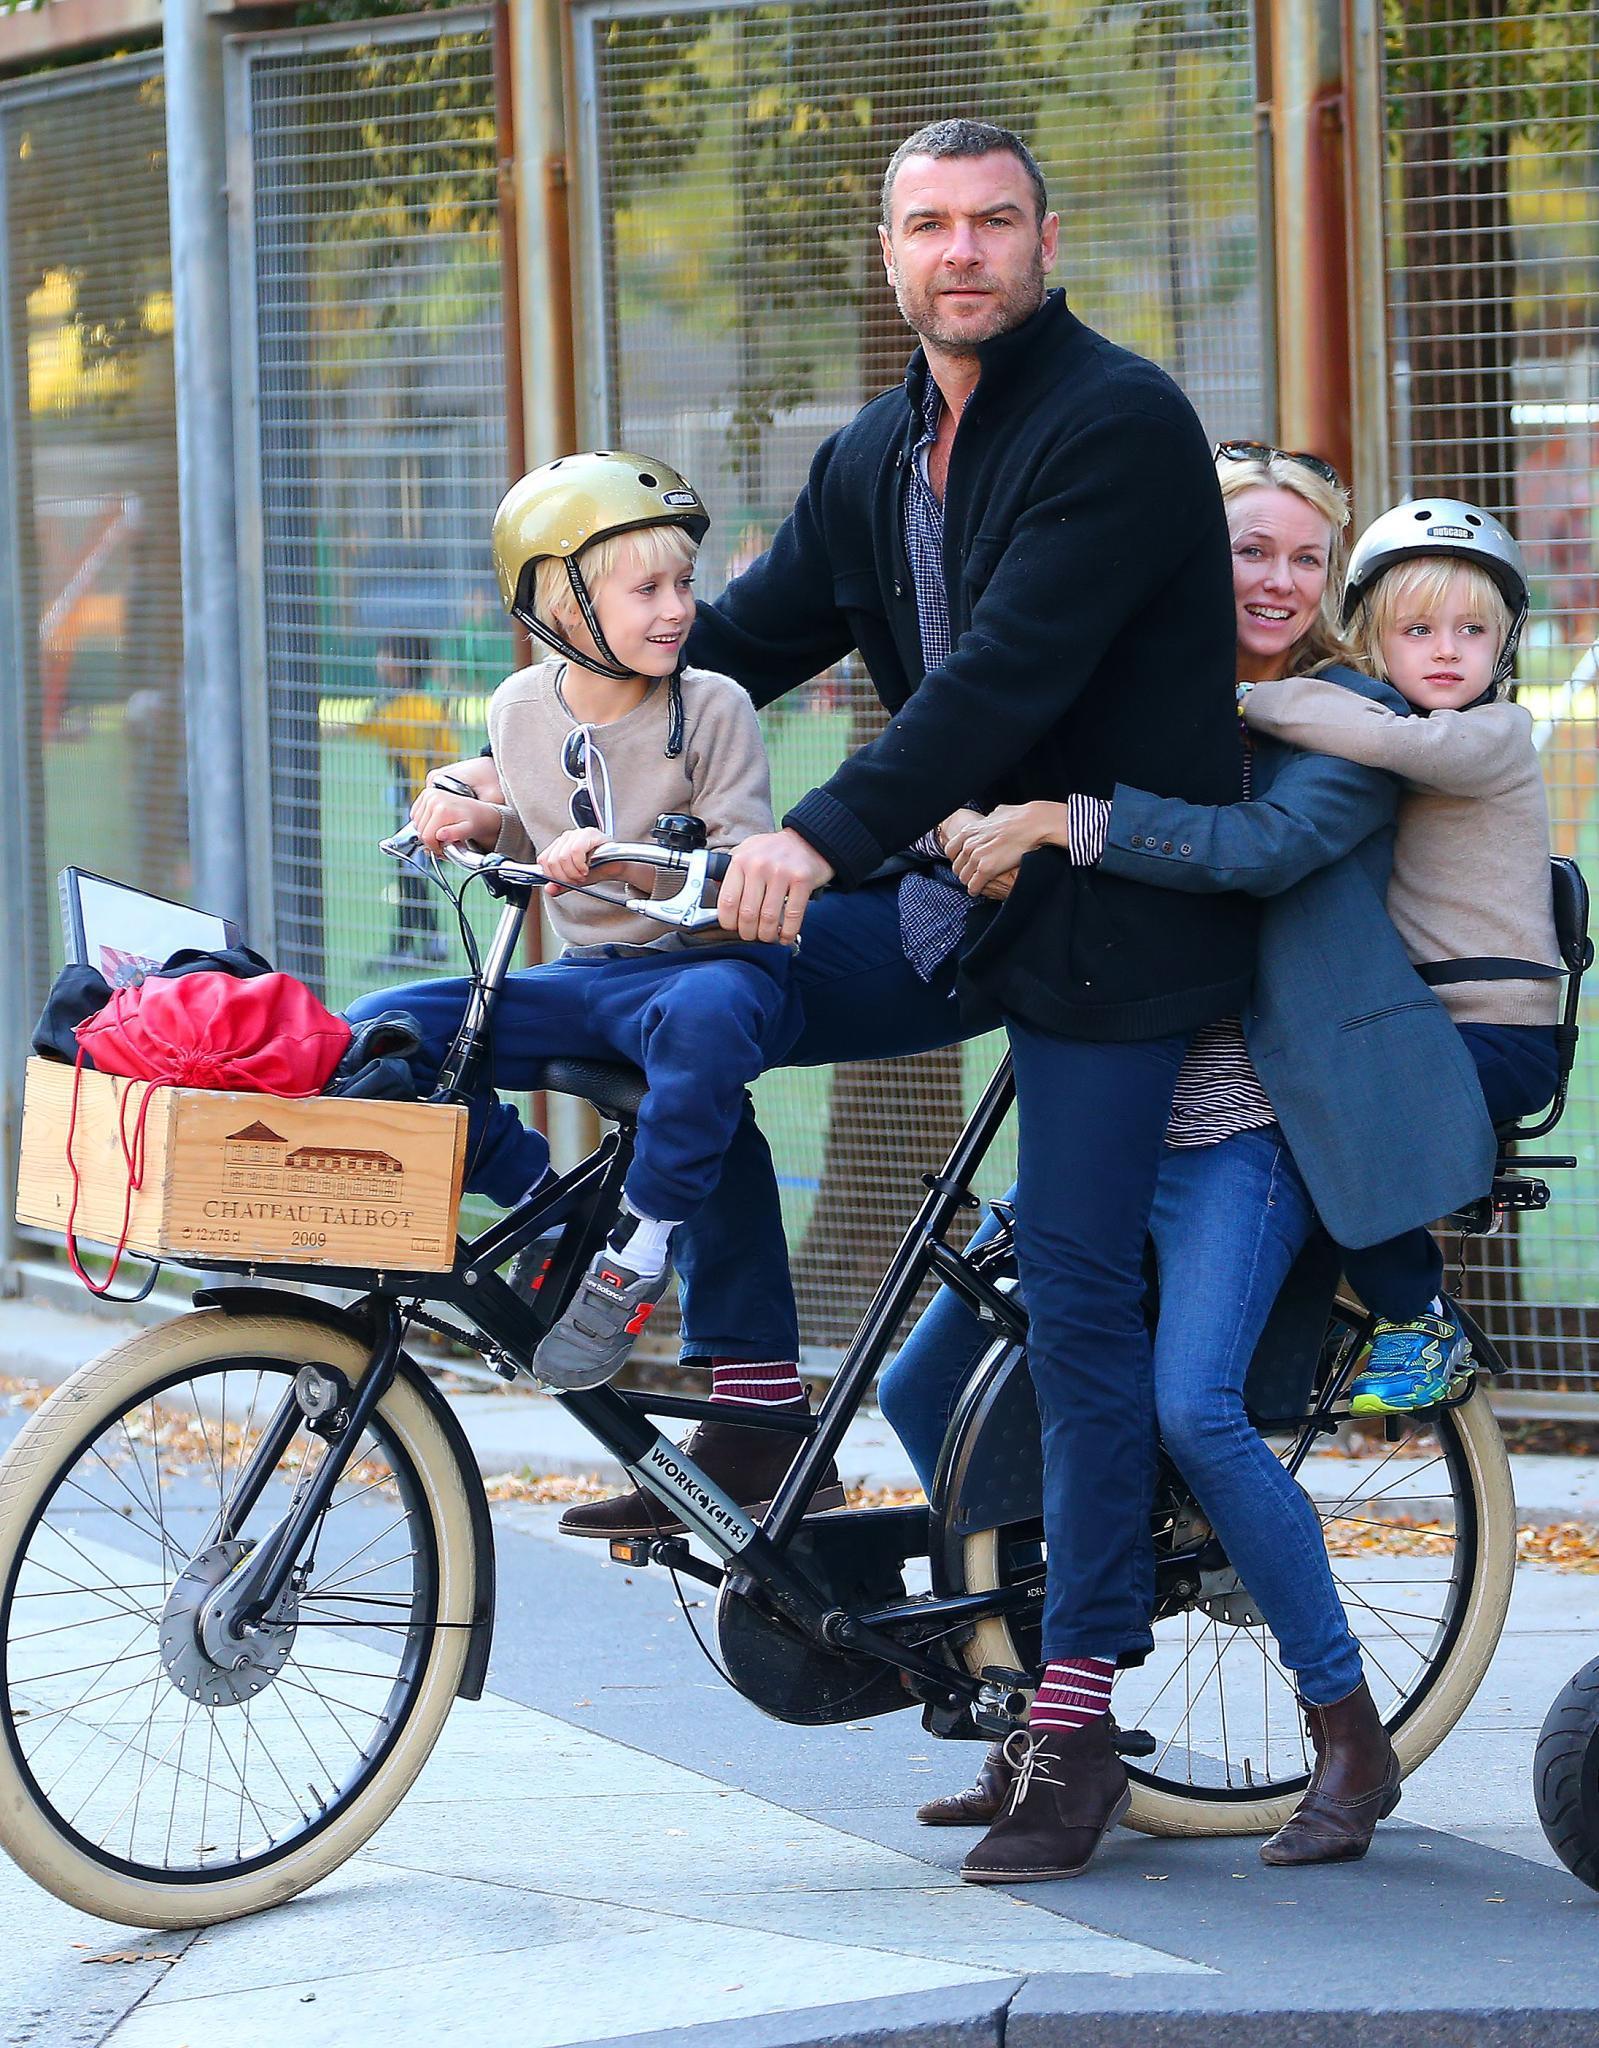 Happy family: Naomi Watts und Liev Schreiber sitzen gemeinsam auf einem Rad mit ihren Söhne Alexander und Samuel (6 und 7 Jahre) und haben sichtlich Spaß.